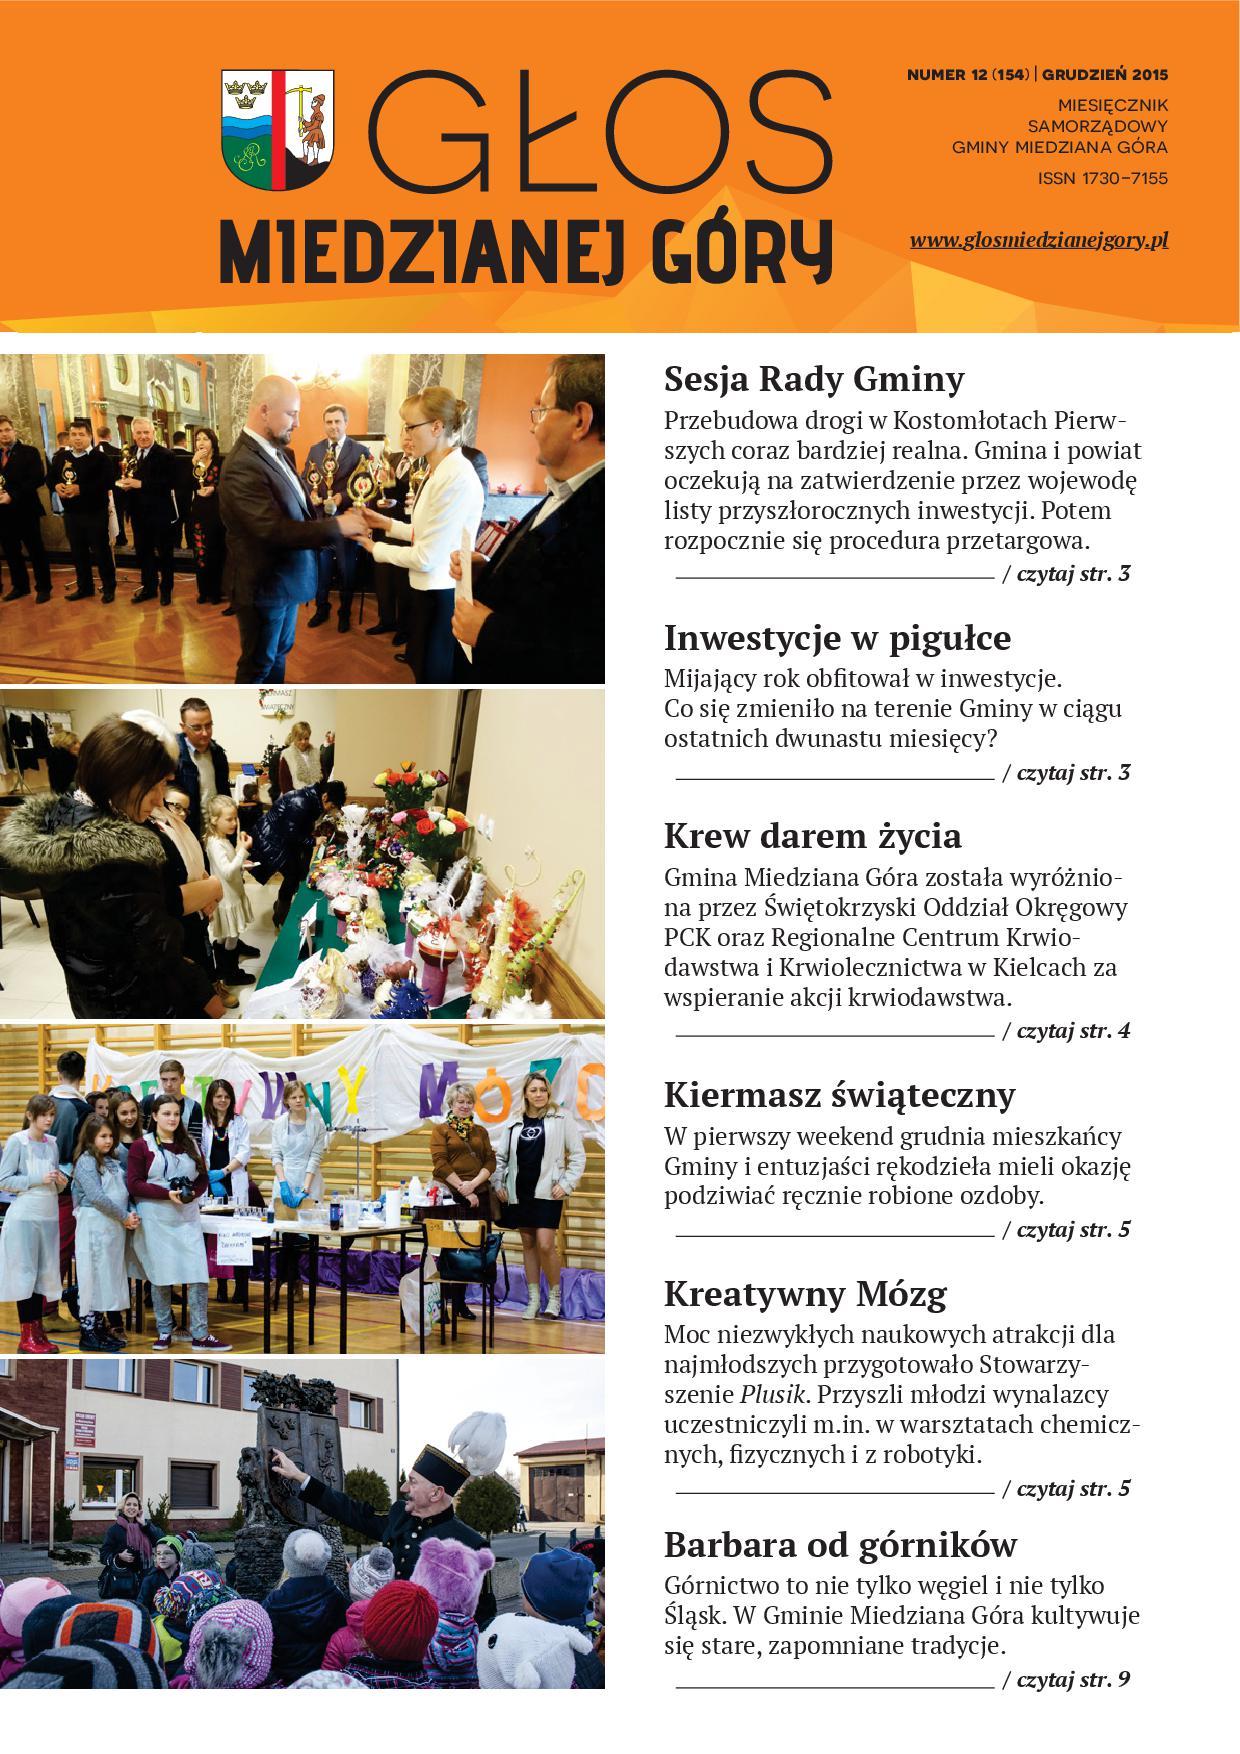 - glos_miedzianej_gory_15_12_f-1.jpg